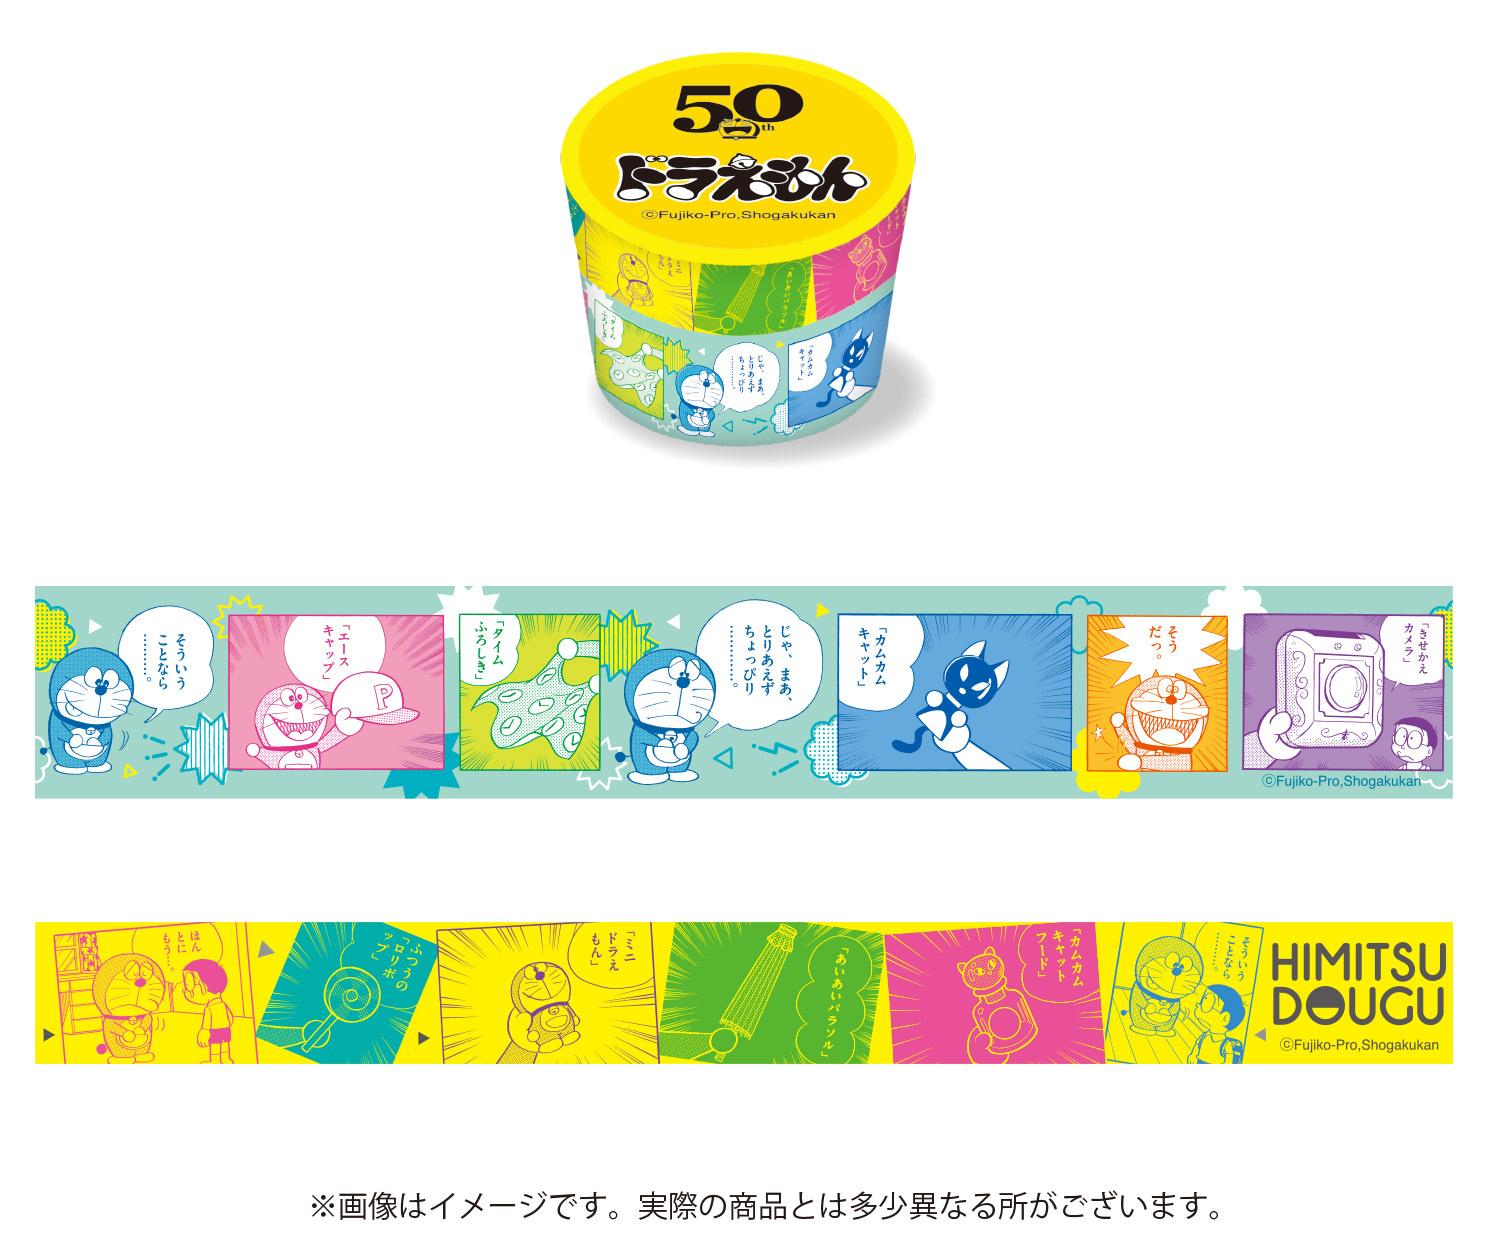 ドラえもん HIMITSU DOUGU マスキングテープセット /  エンスカイ